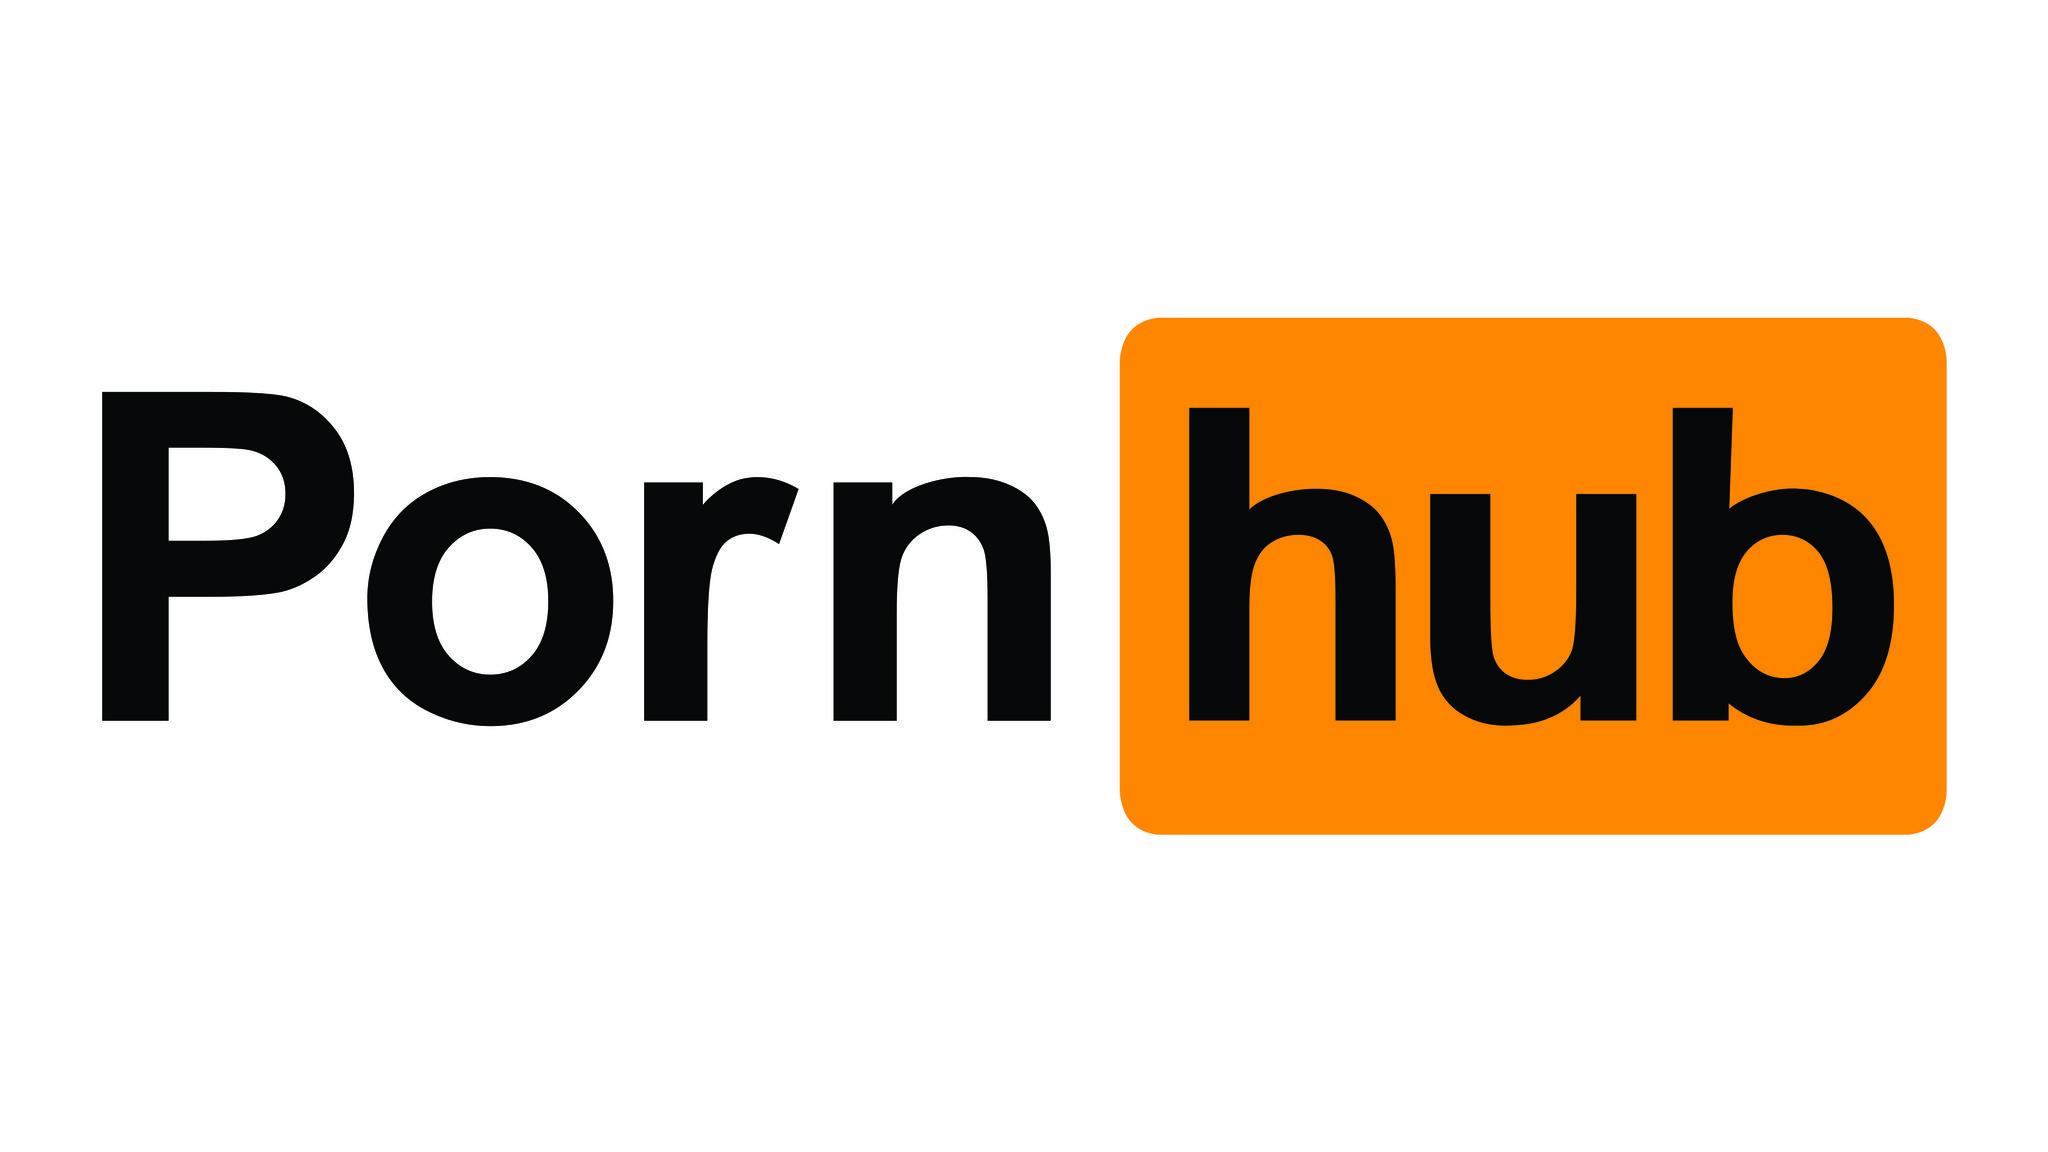 Ünlü Porno Sitesi Açıkladı! En Çok Hangi Futbolcunun Filmi Aranıyor?